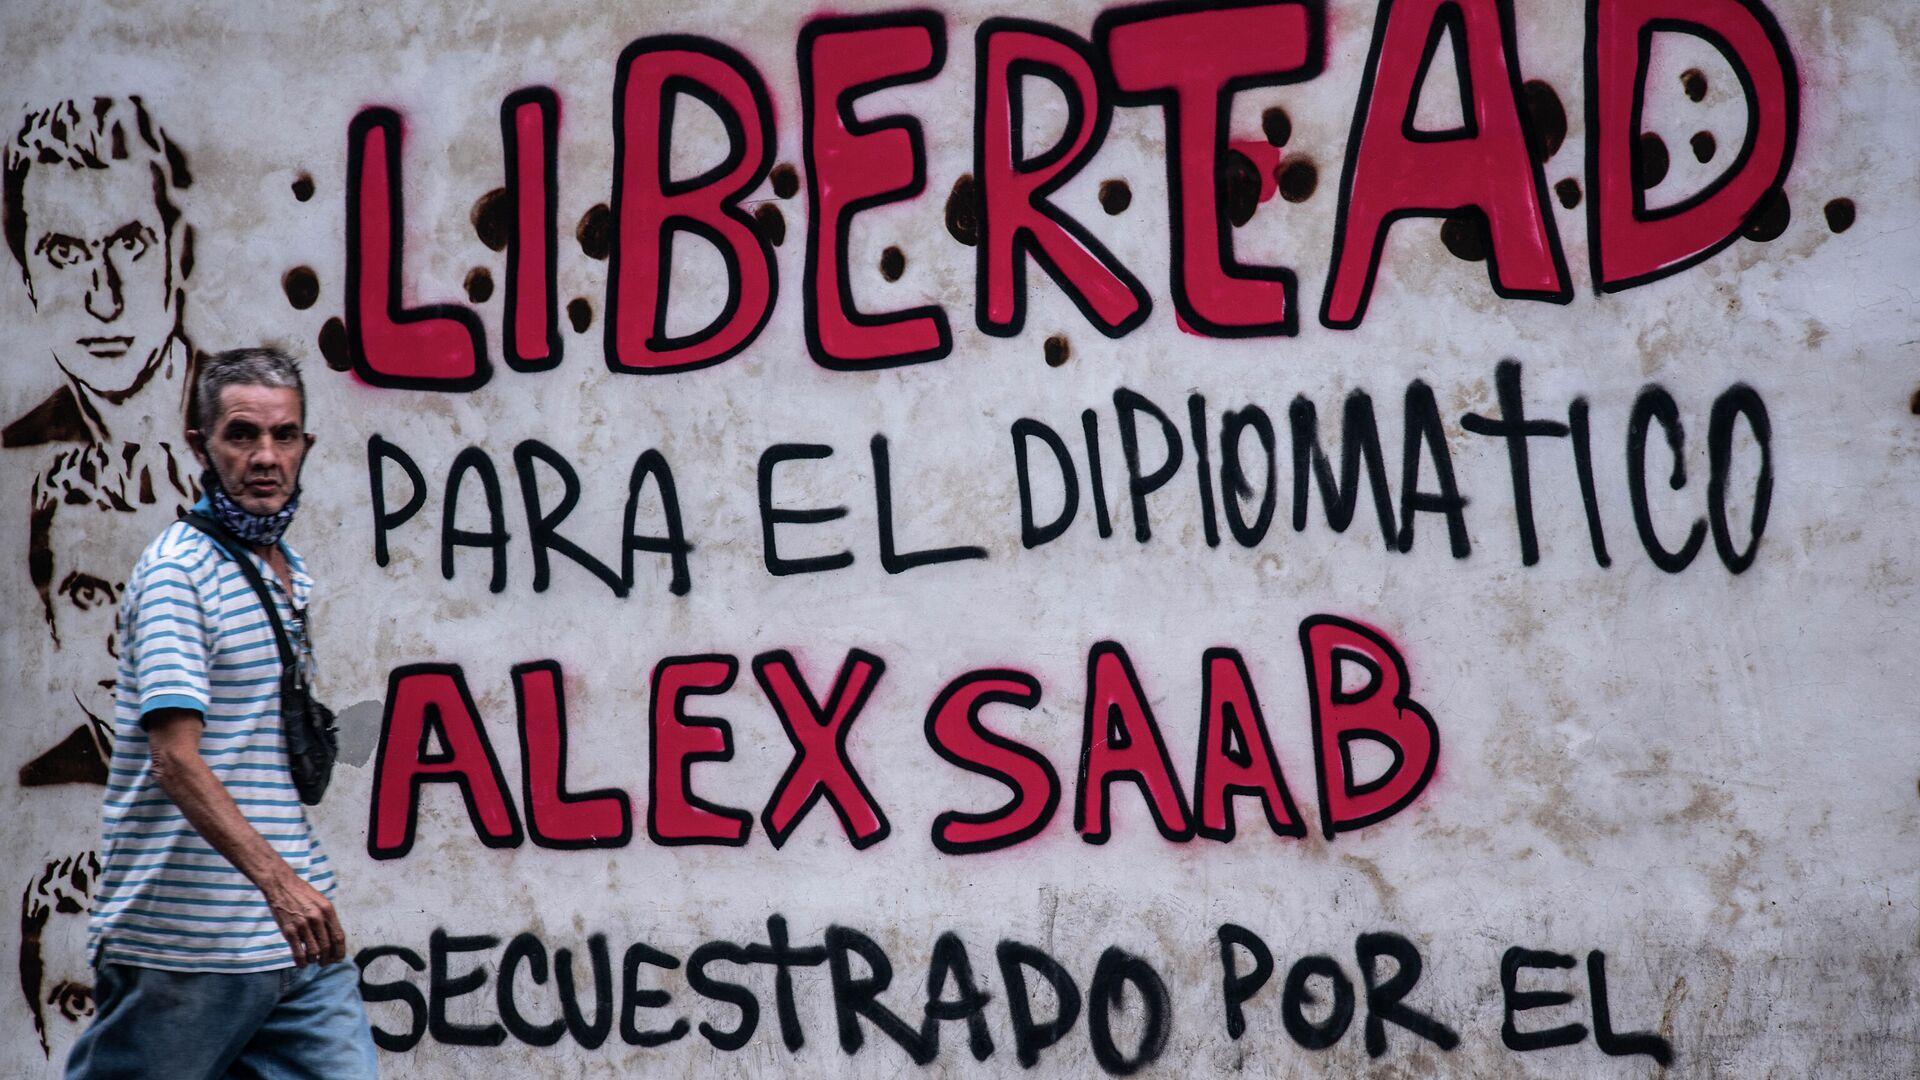 Un grafiti en Caracas en reclamo por la libertad de Alex Saab, detenido en Cabo Verde - Sputnik Mundo, 1920, 07.09.2021